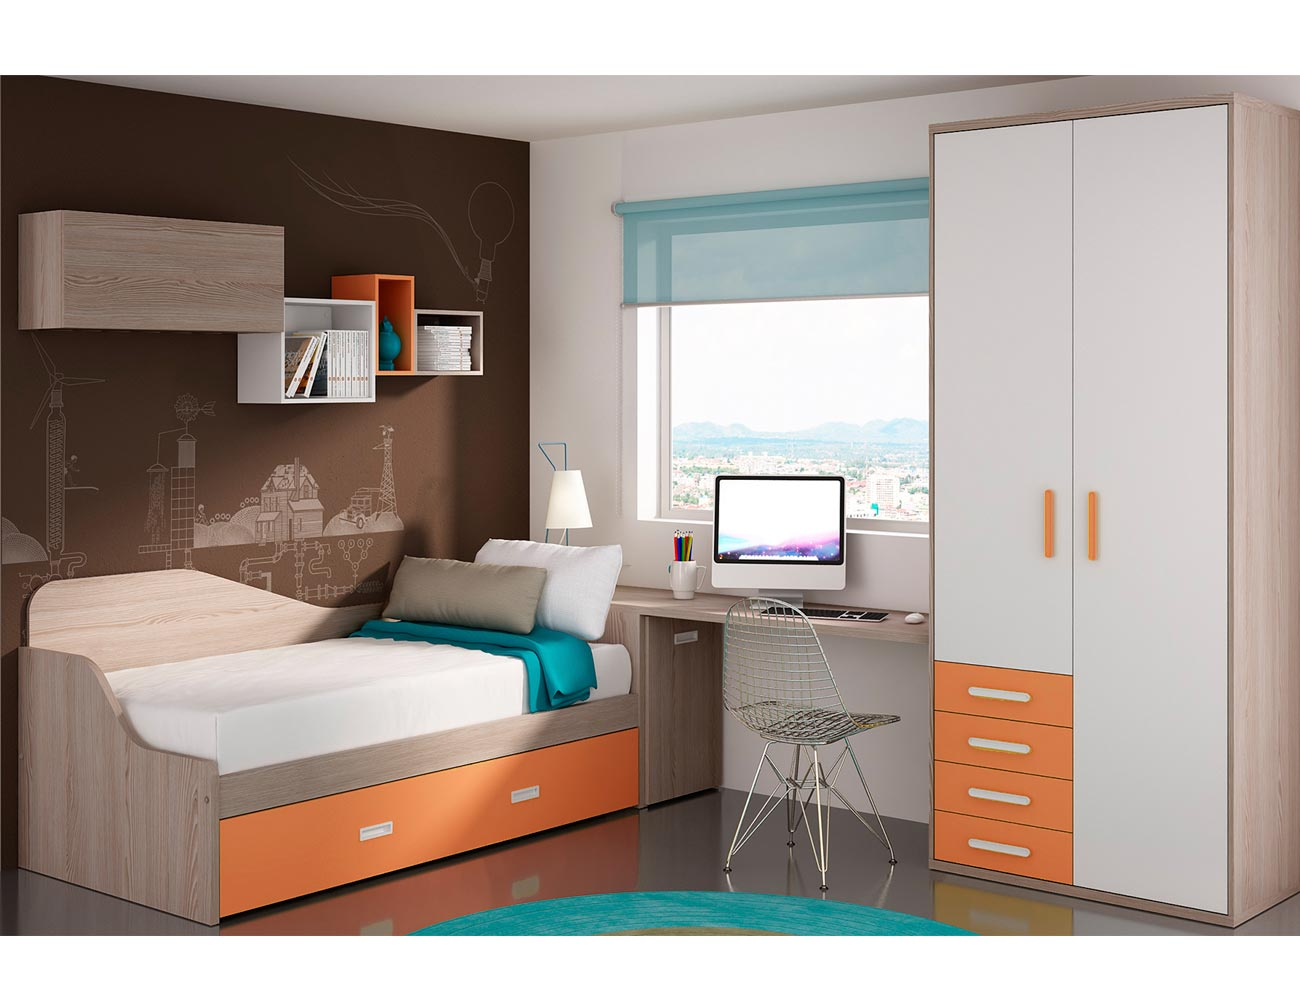 Dormitorio juvenil moderno cama cajones moderno